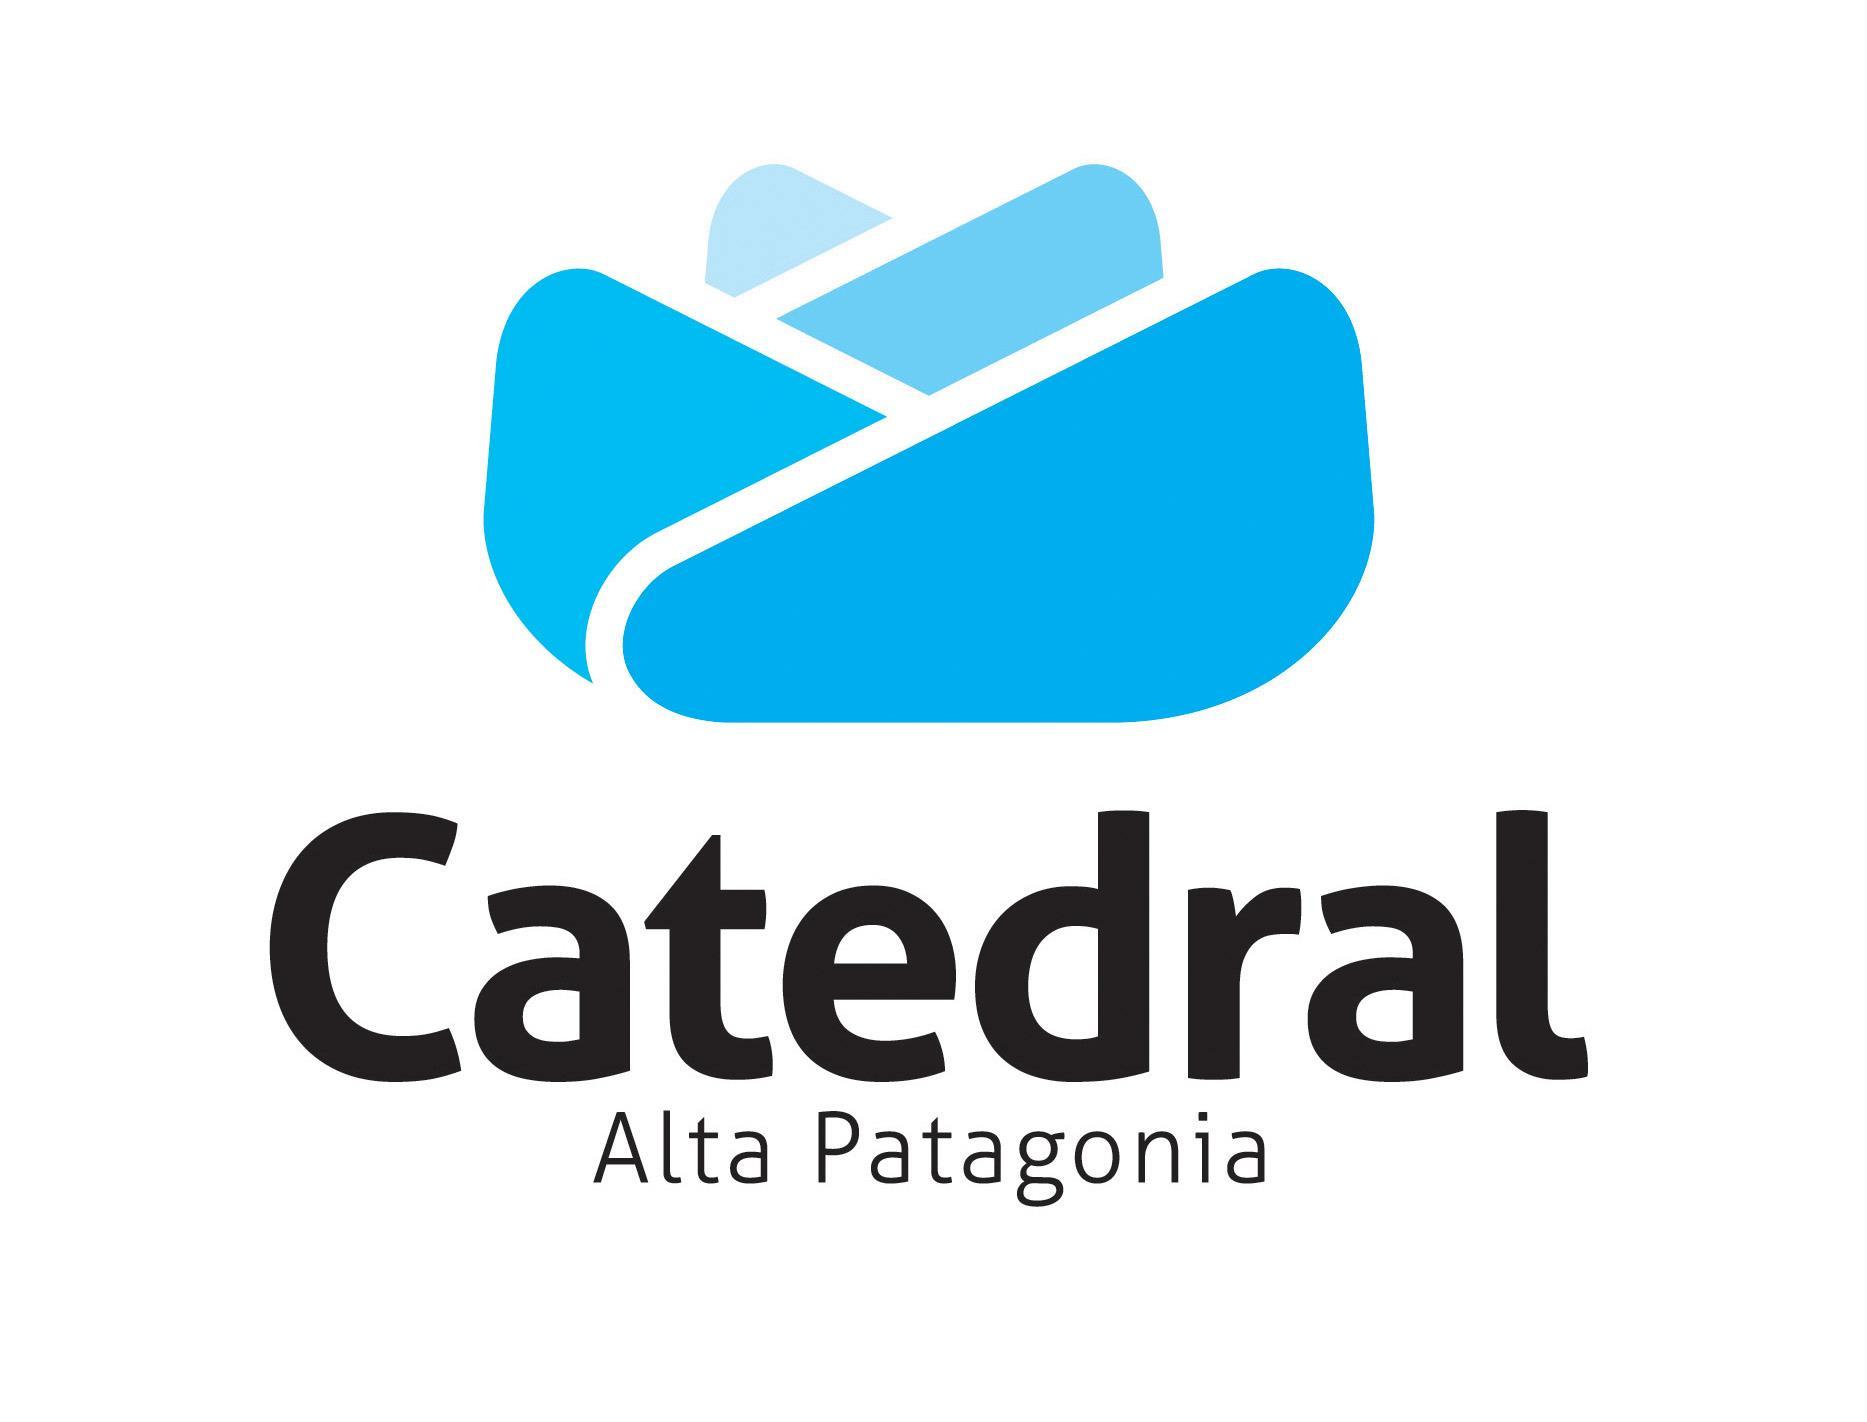 Cerro Caterdal - Bariloche